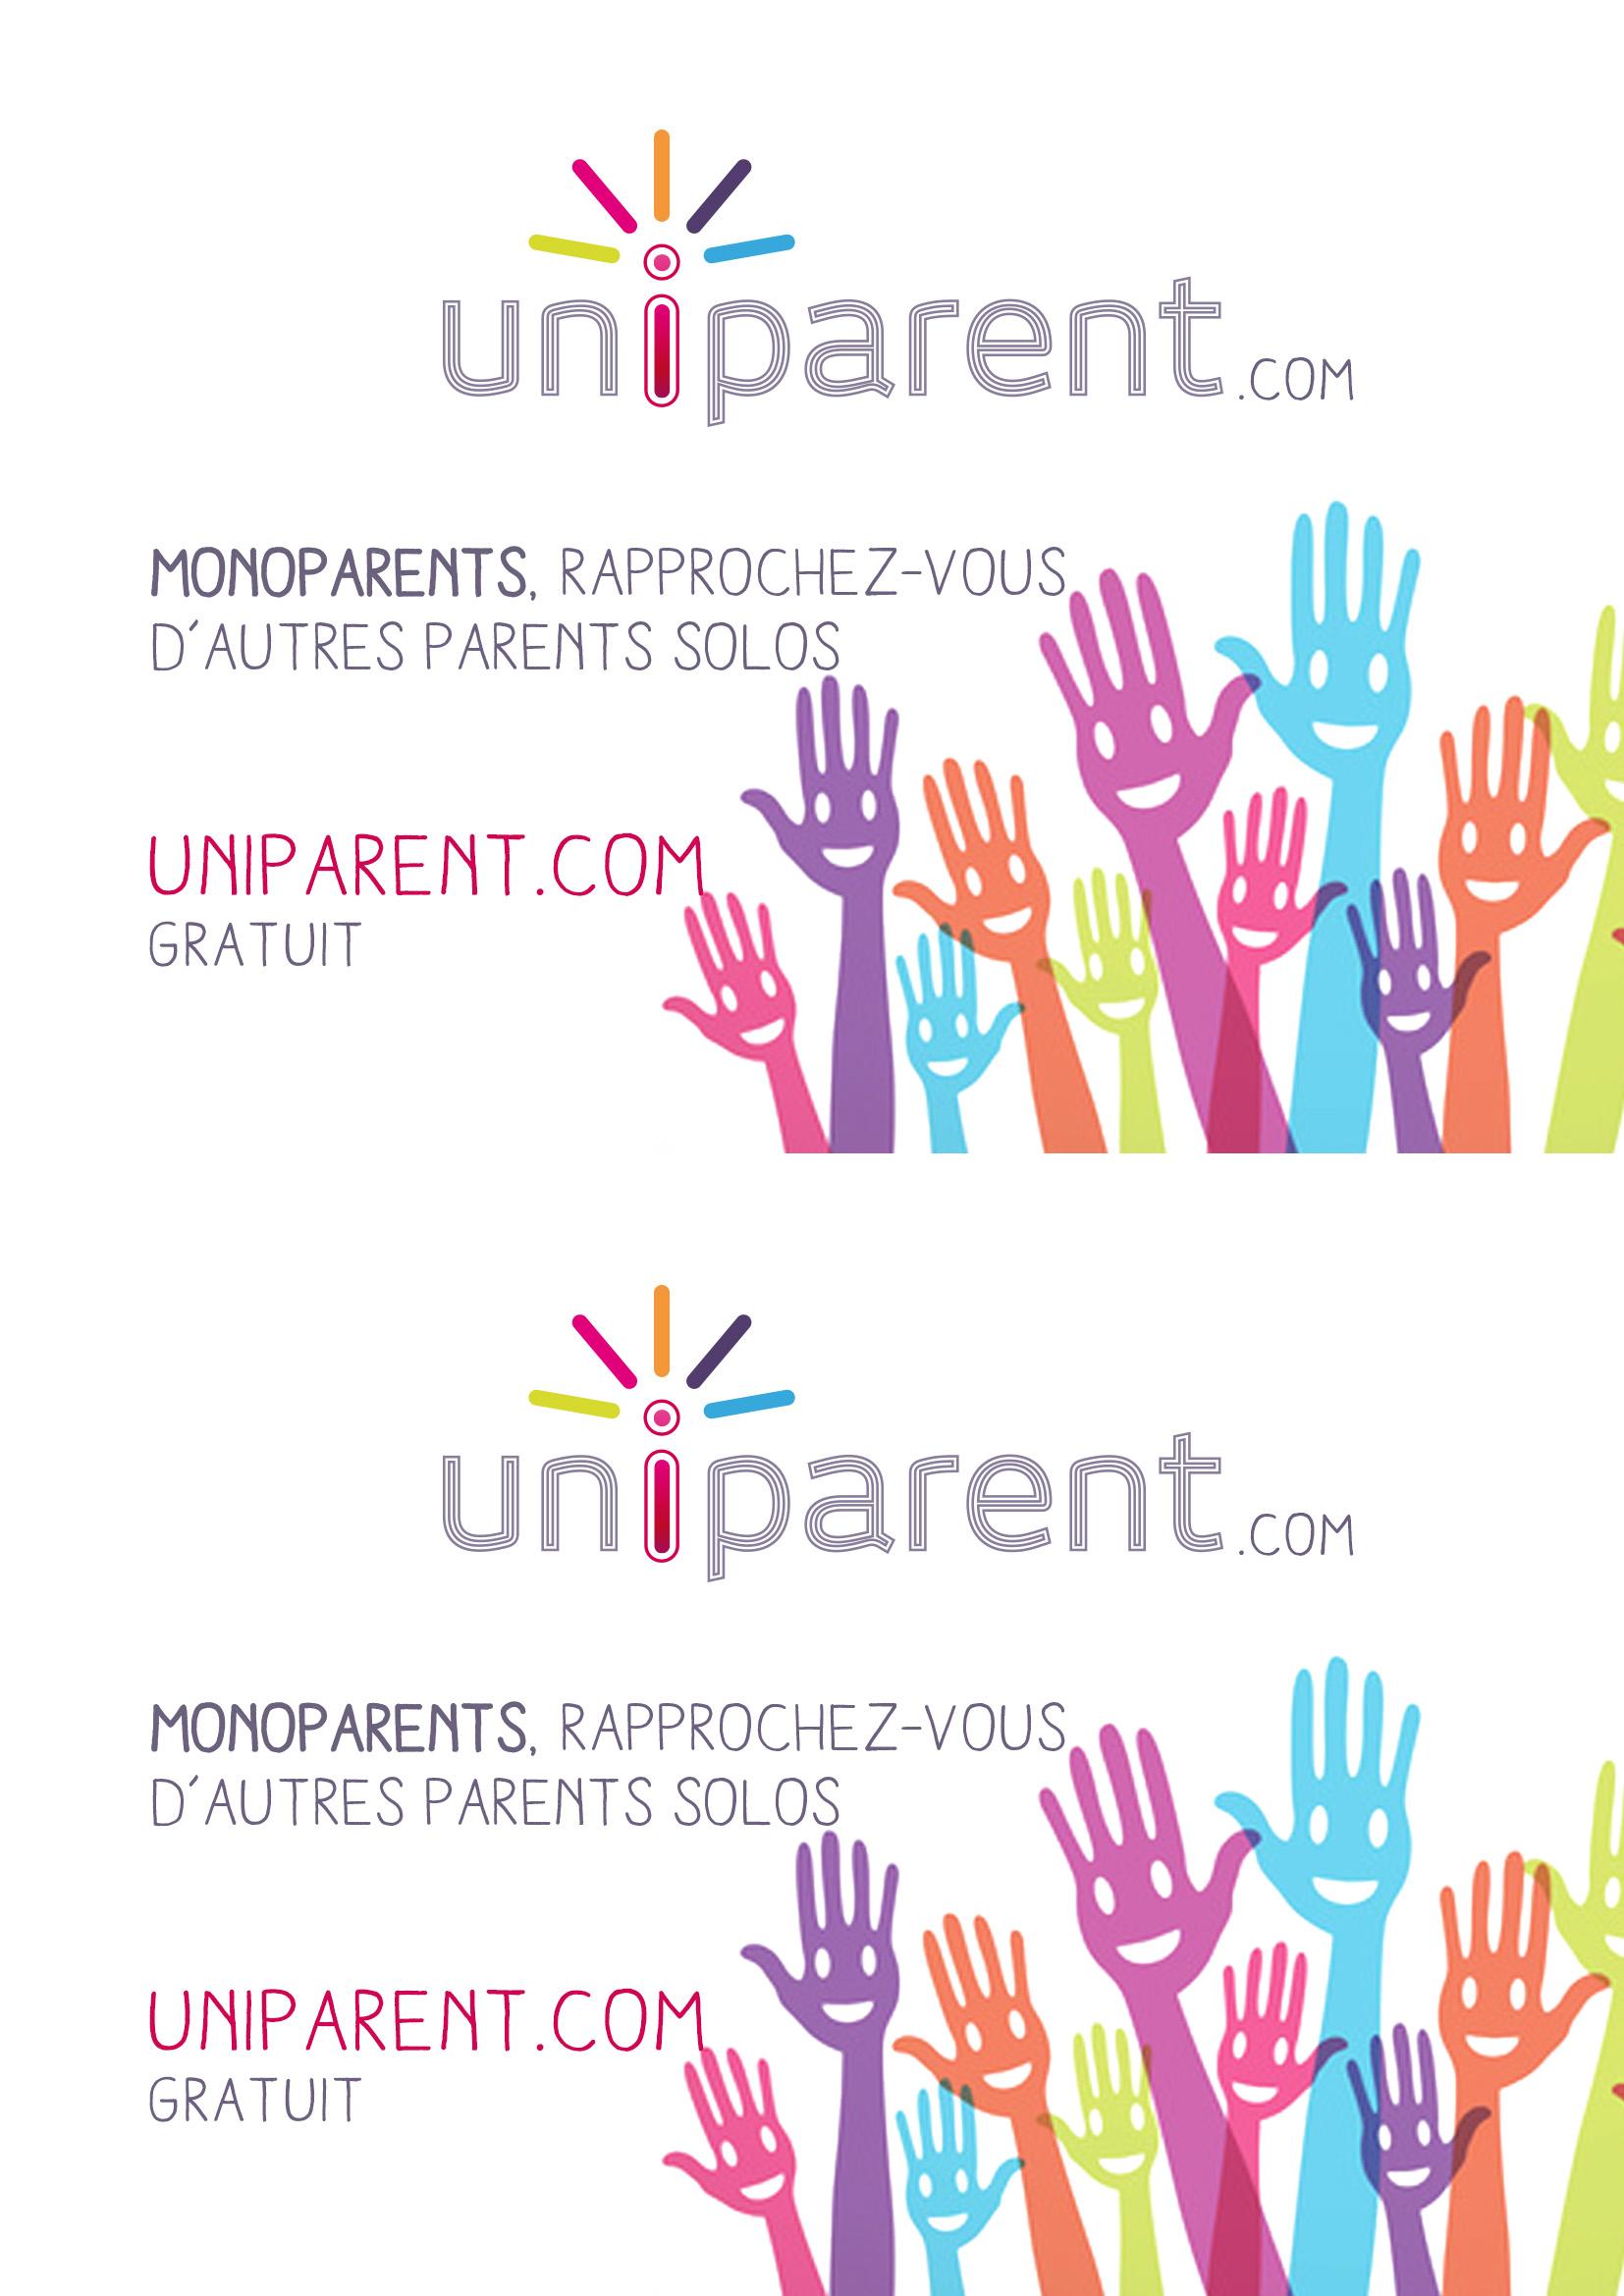 1 monoparents + des monoparents = uniparent.com